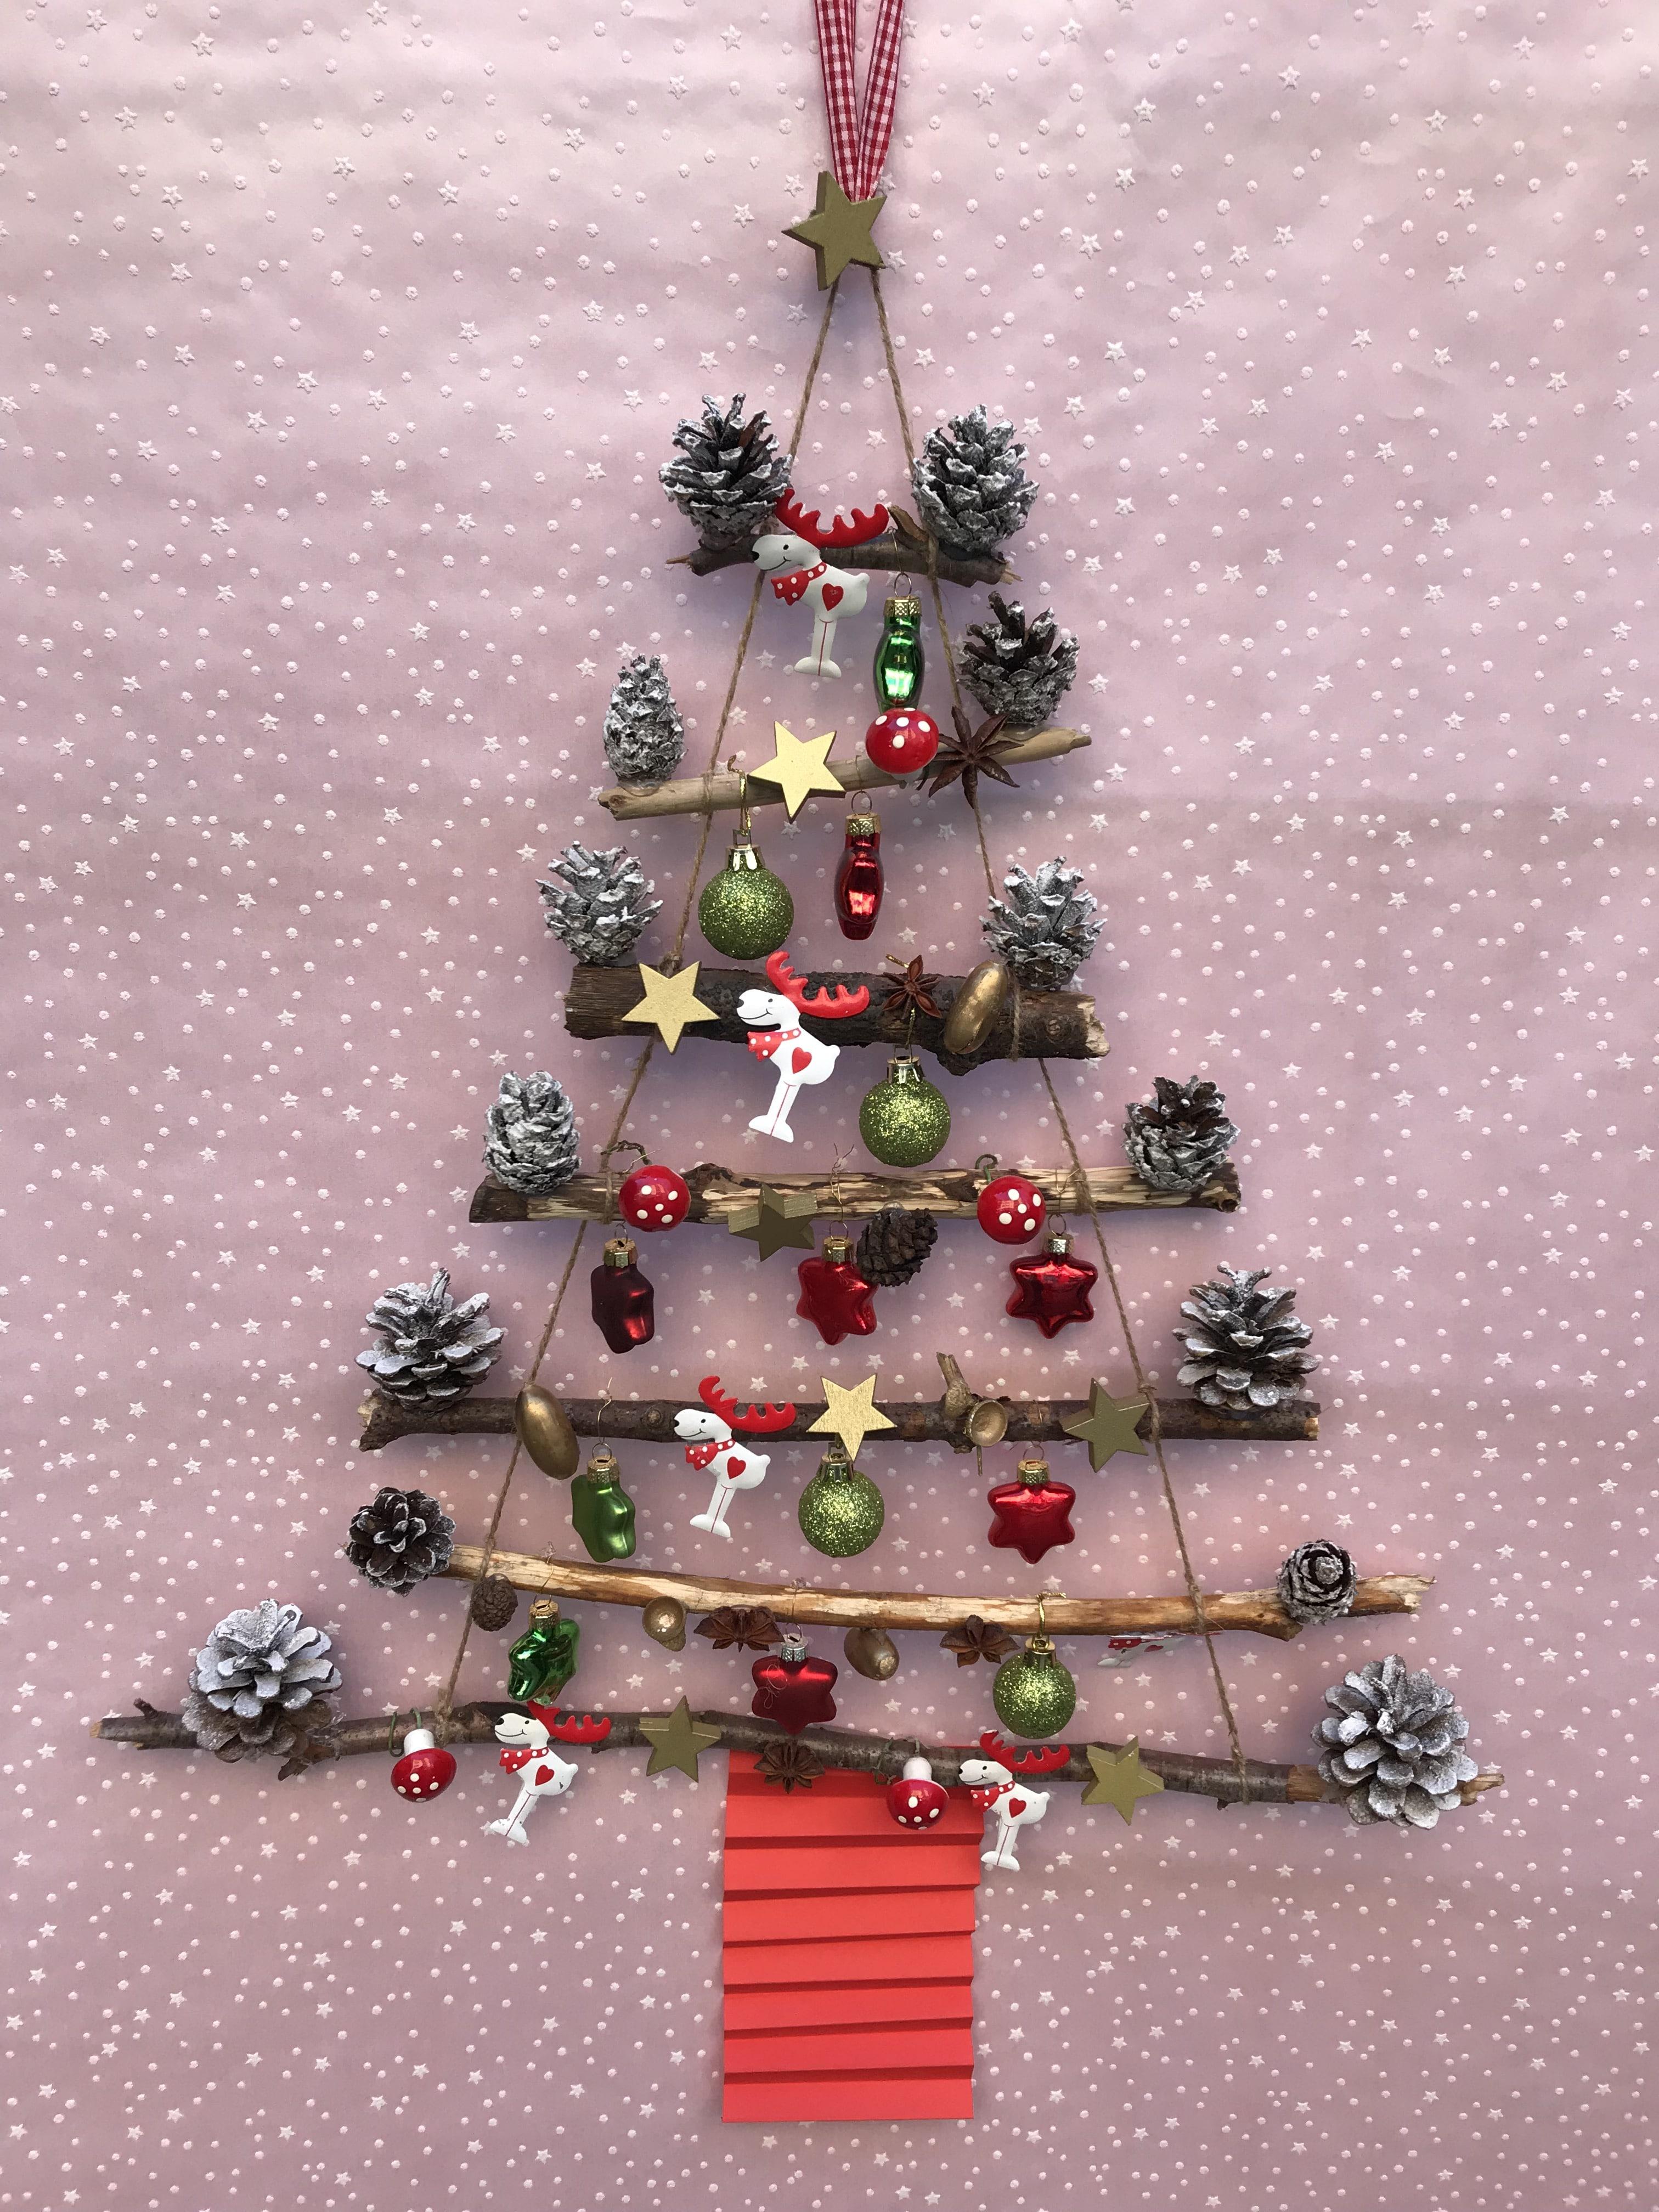 Weihnachtsbaum to go, Weihnachtsbasteln mit Kindern, Geschenkidee Weihnachten, Basteln mit Naturmaterialien